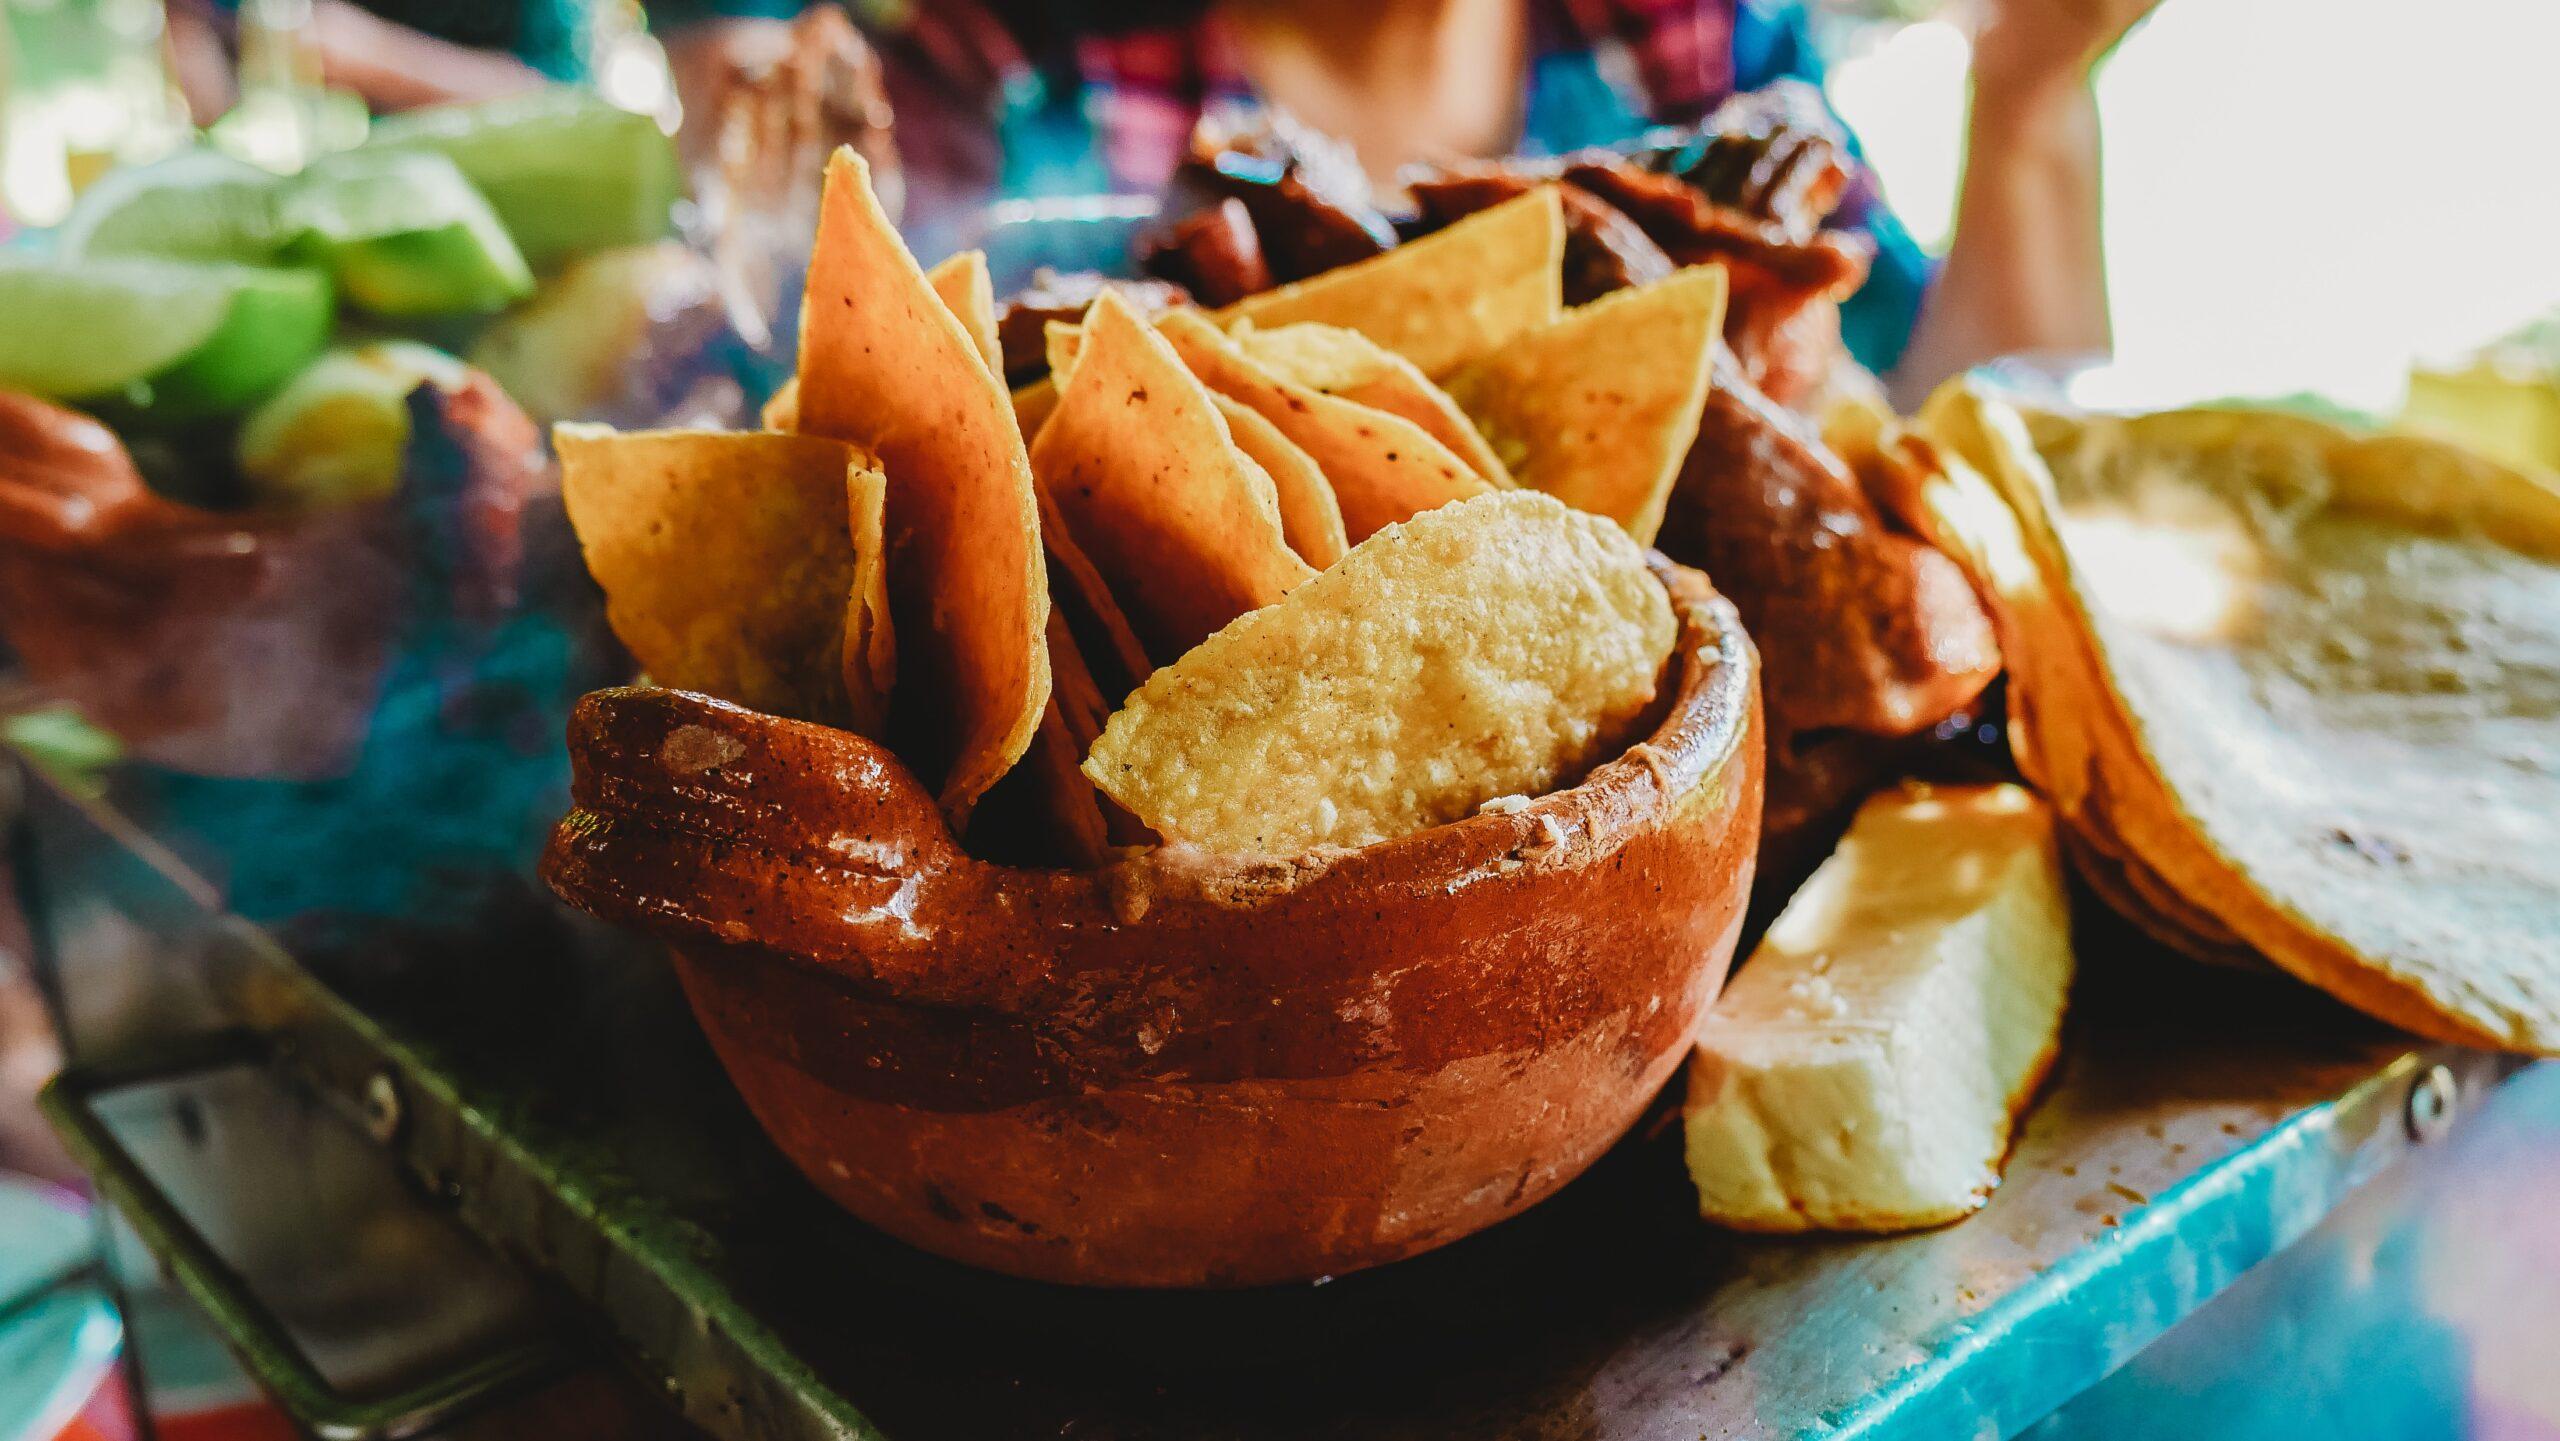 Llámese totopo o nacho, es el complemento perfecto